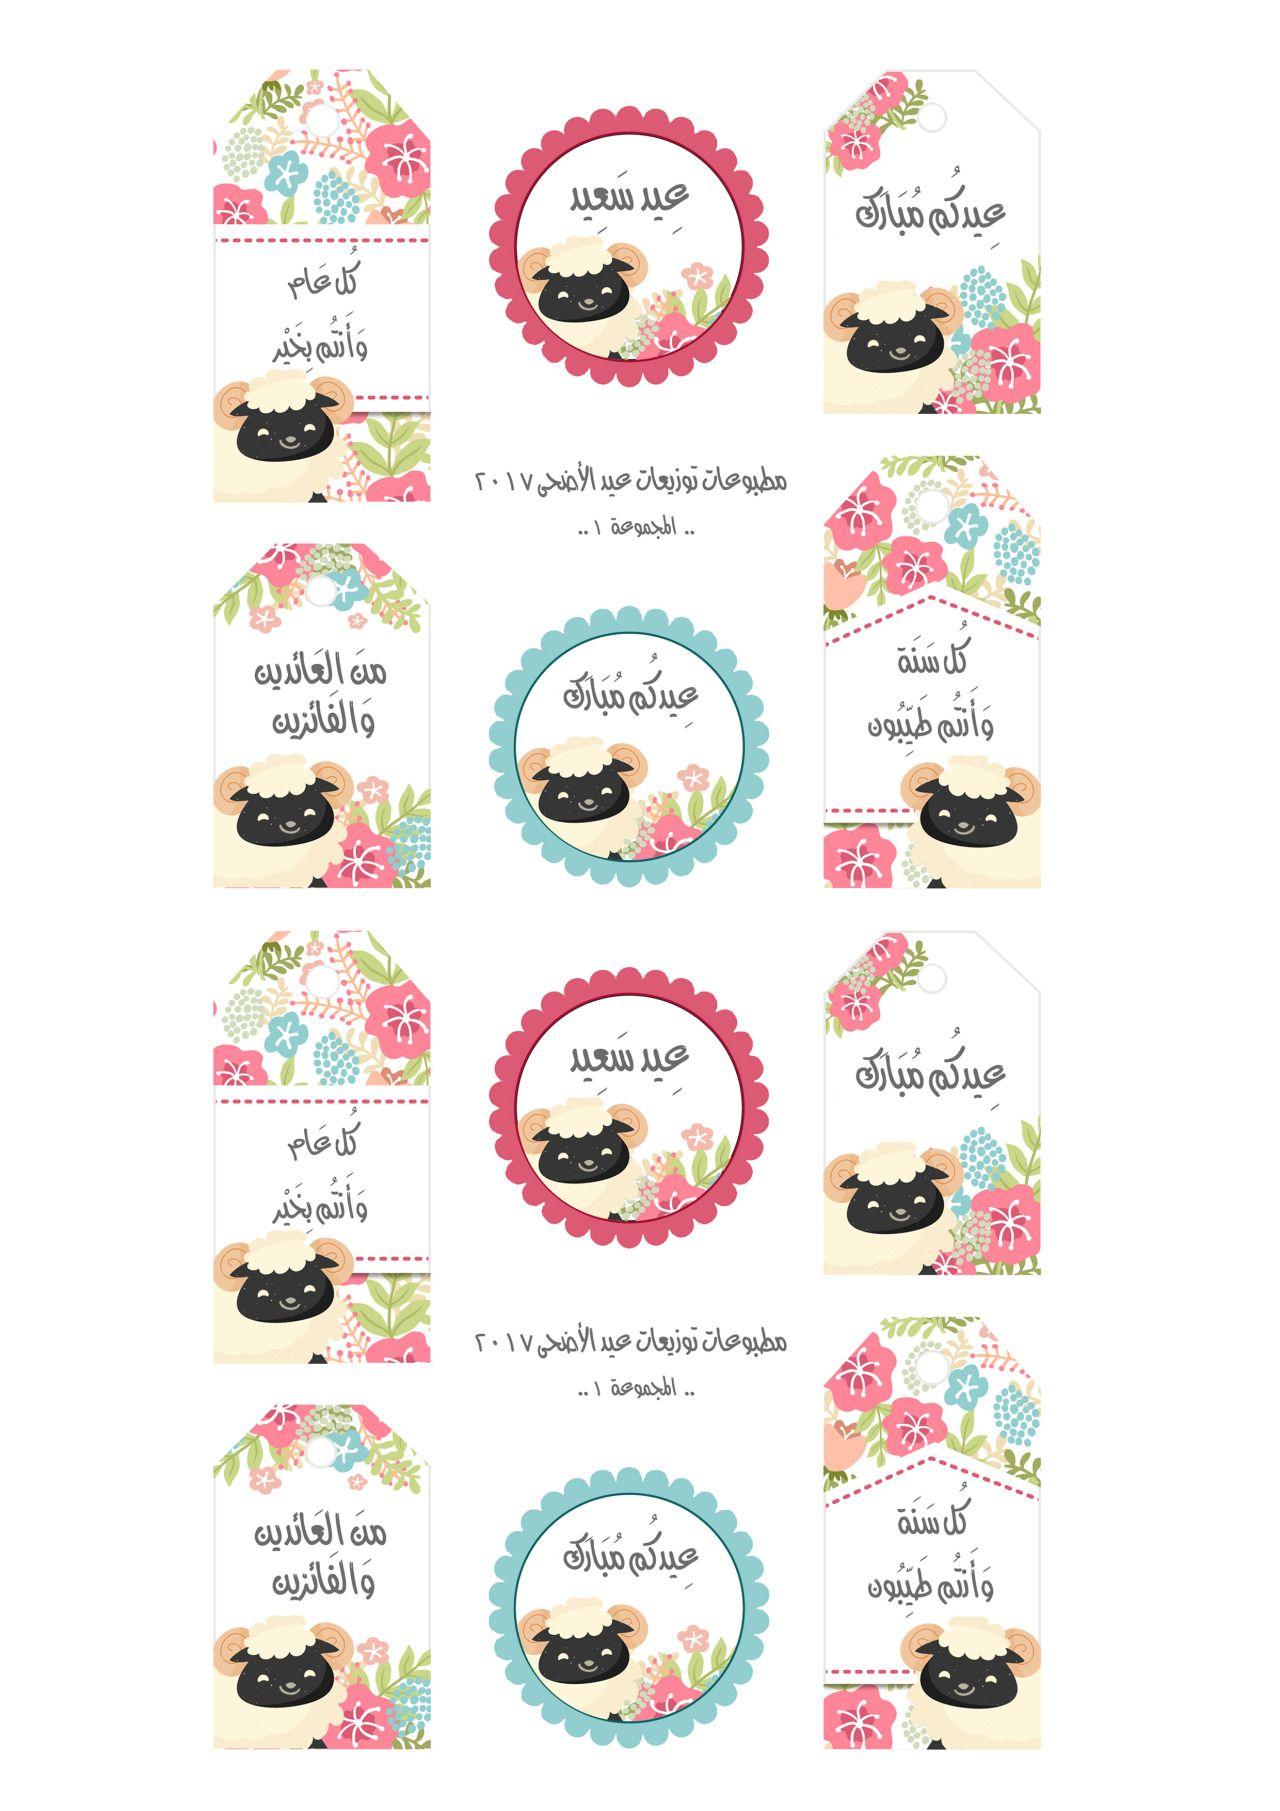 نموذج ظرف عيدية Money Pocket Template Eid Stickers Eid Cards Eid Mubarak Stickers